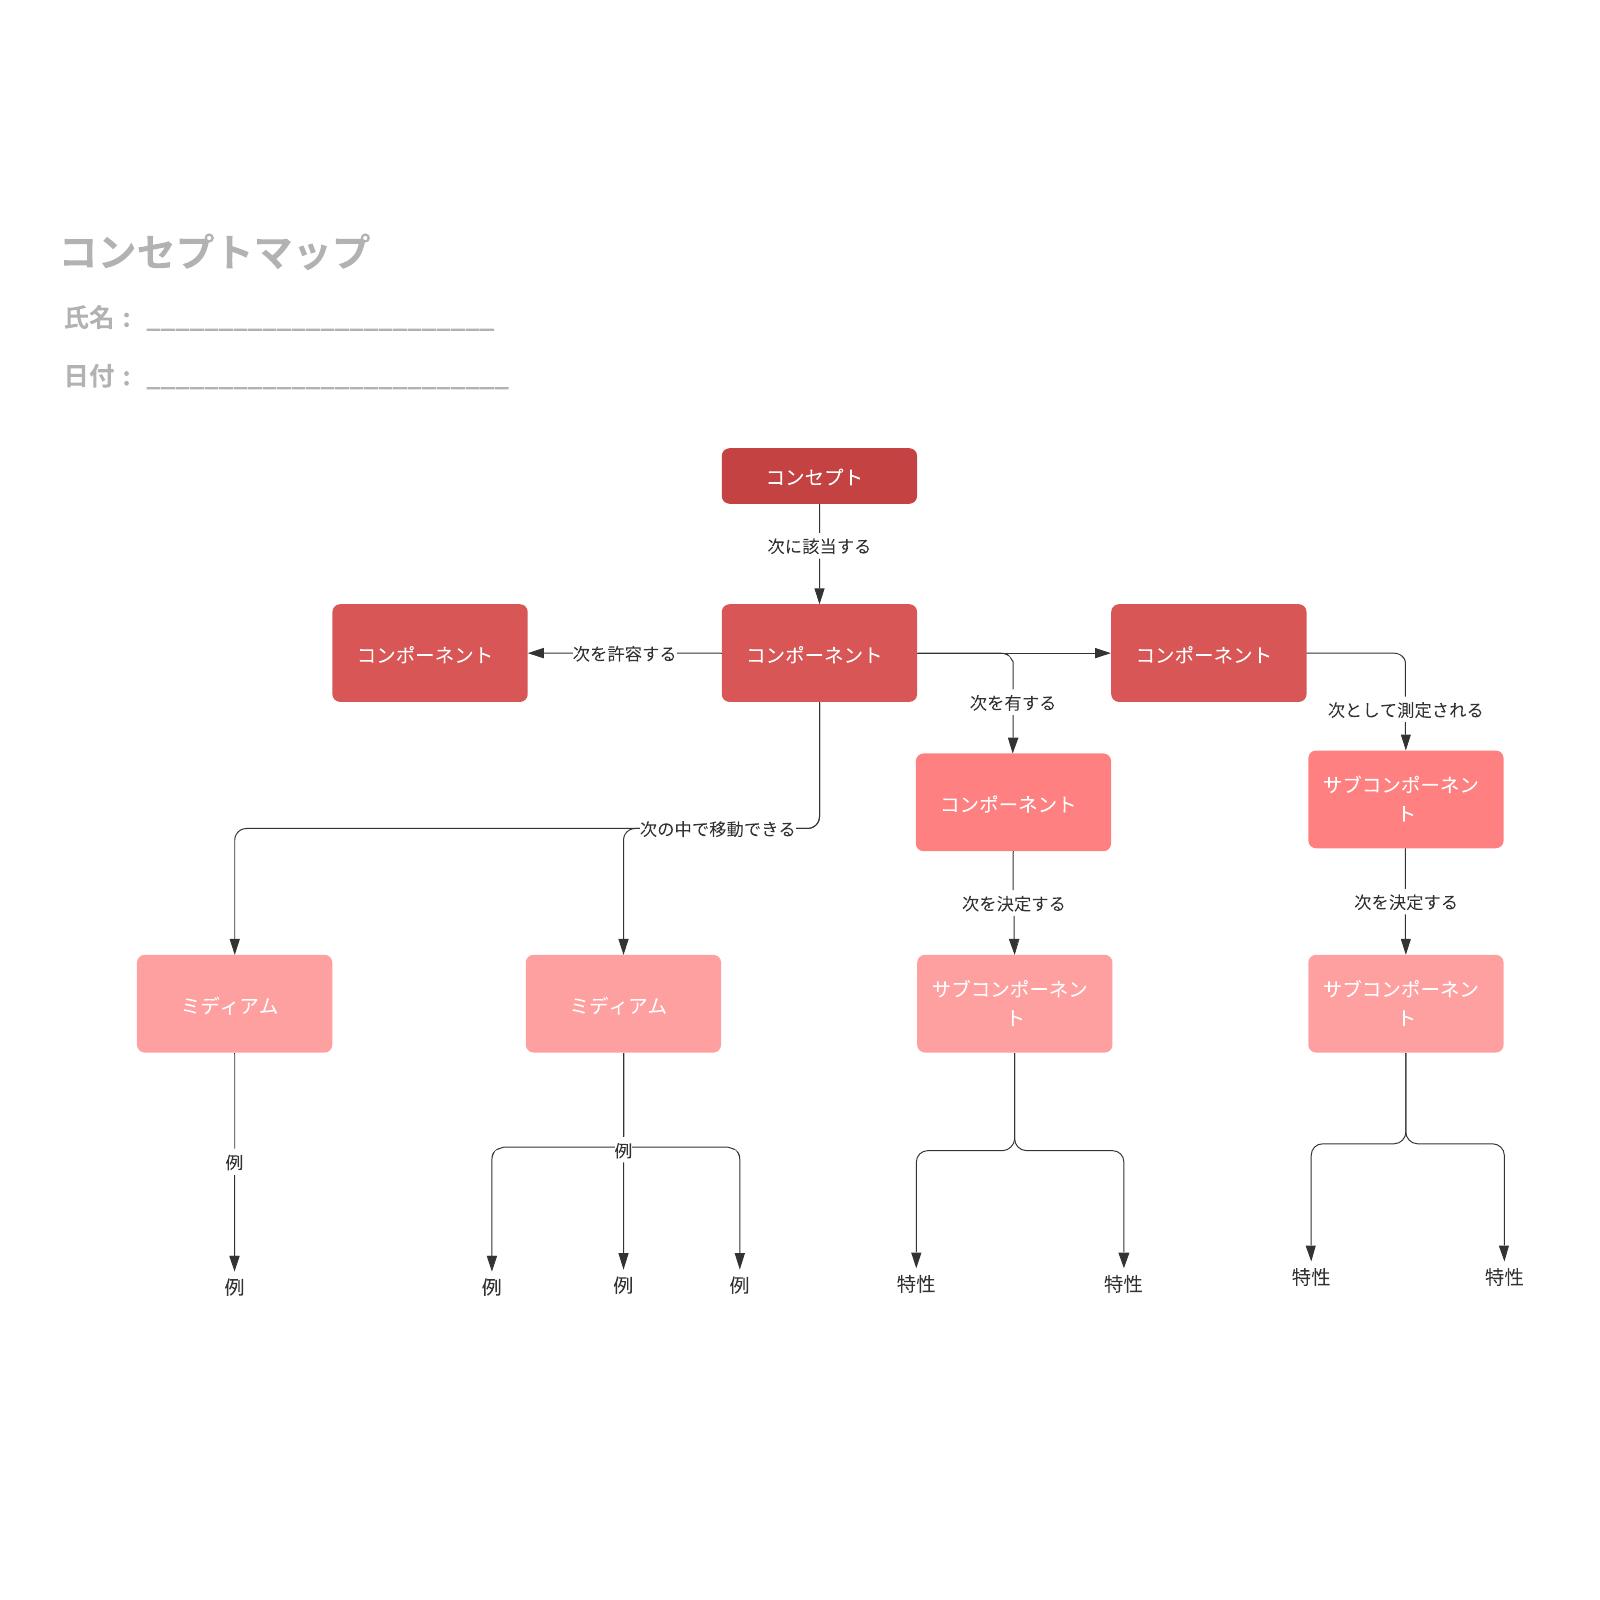 教育・学習で使えるコンセプトマップ(概念図)